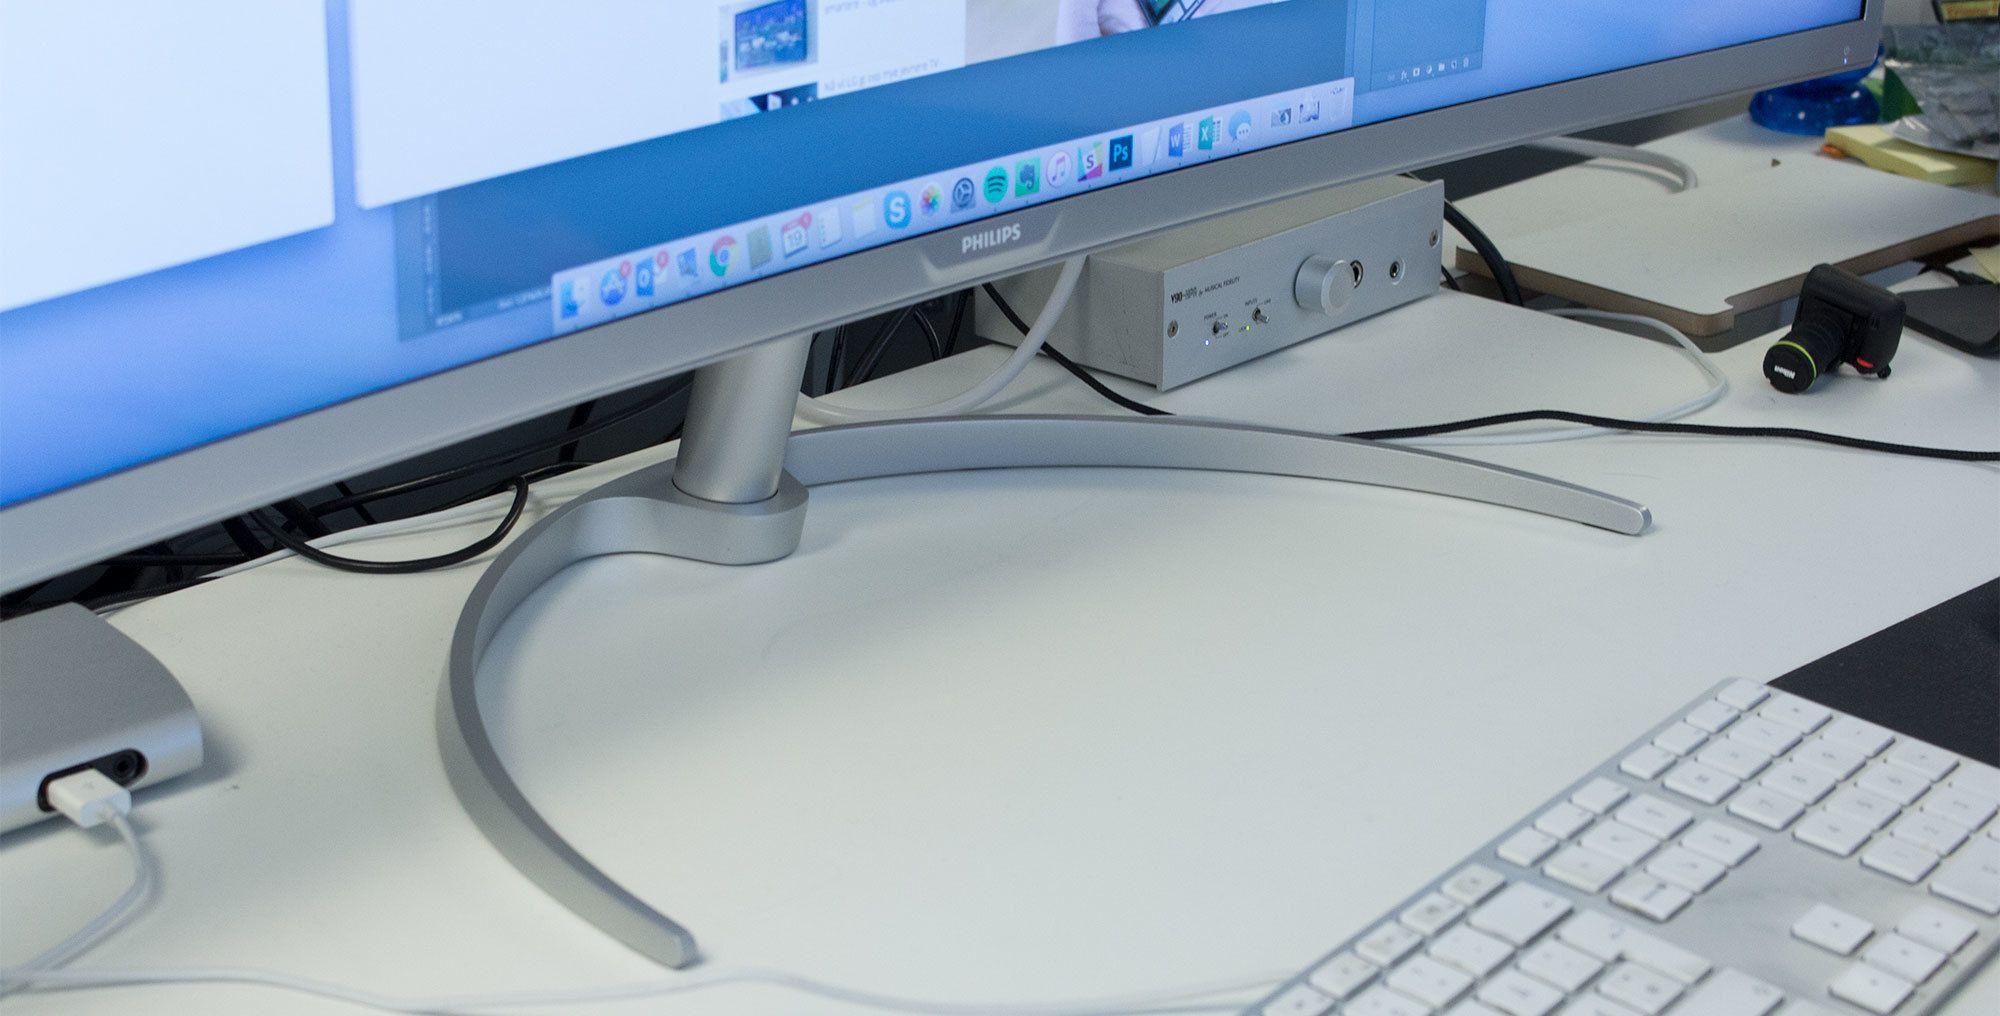 Skjermfoten stikker ganske langt ut, men tar til gjengjeld ikke opp så veldig mye plass på pulten. Men det er utrolig irriterende at vi ikke kan justere høyden på skjermen.